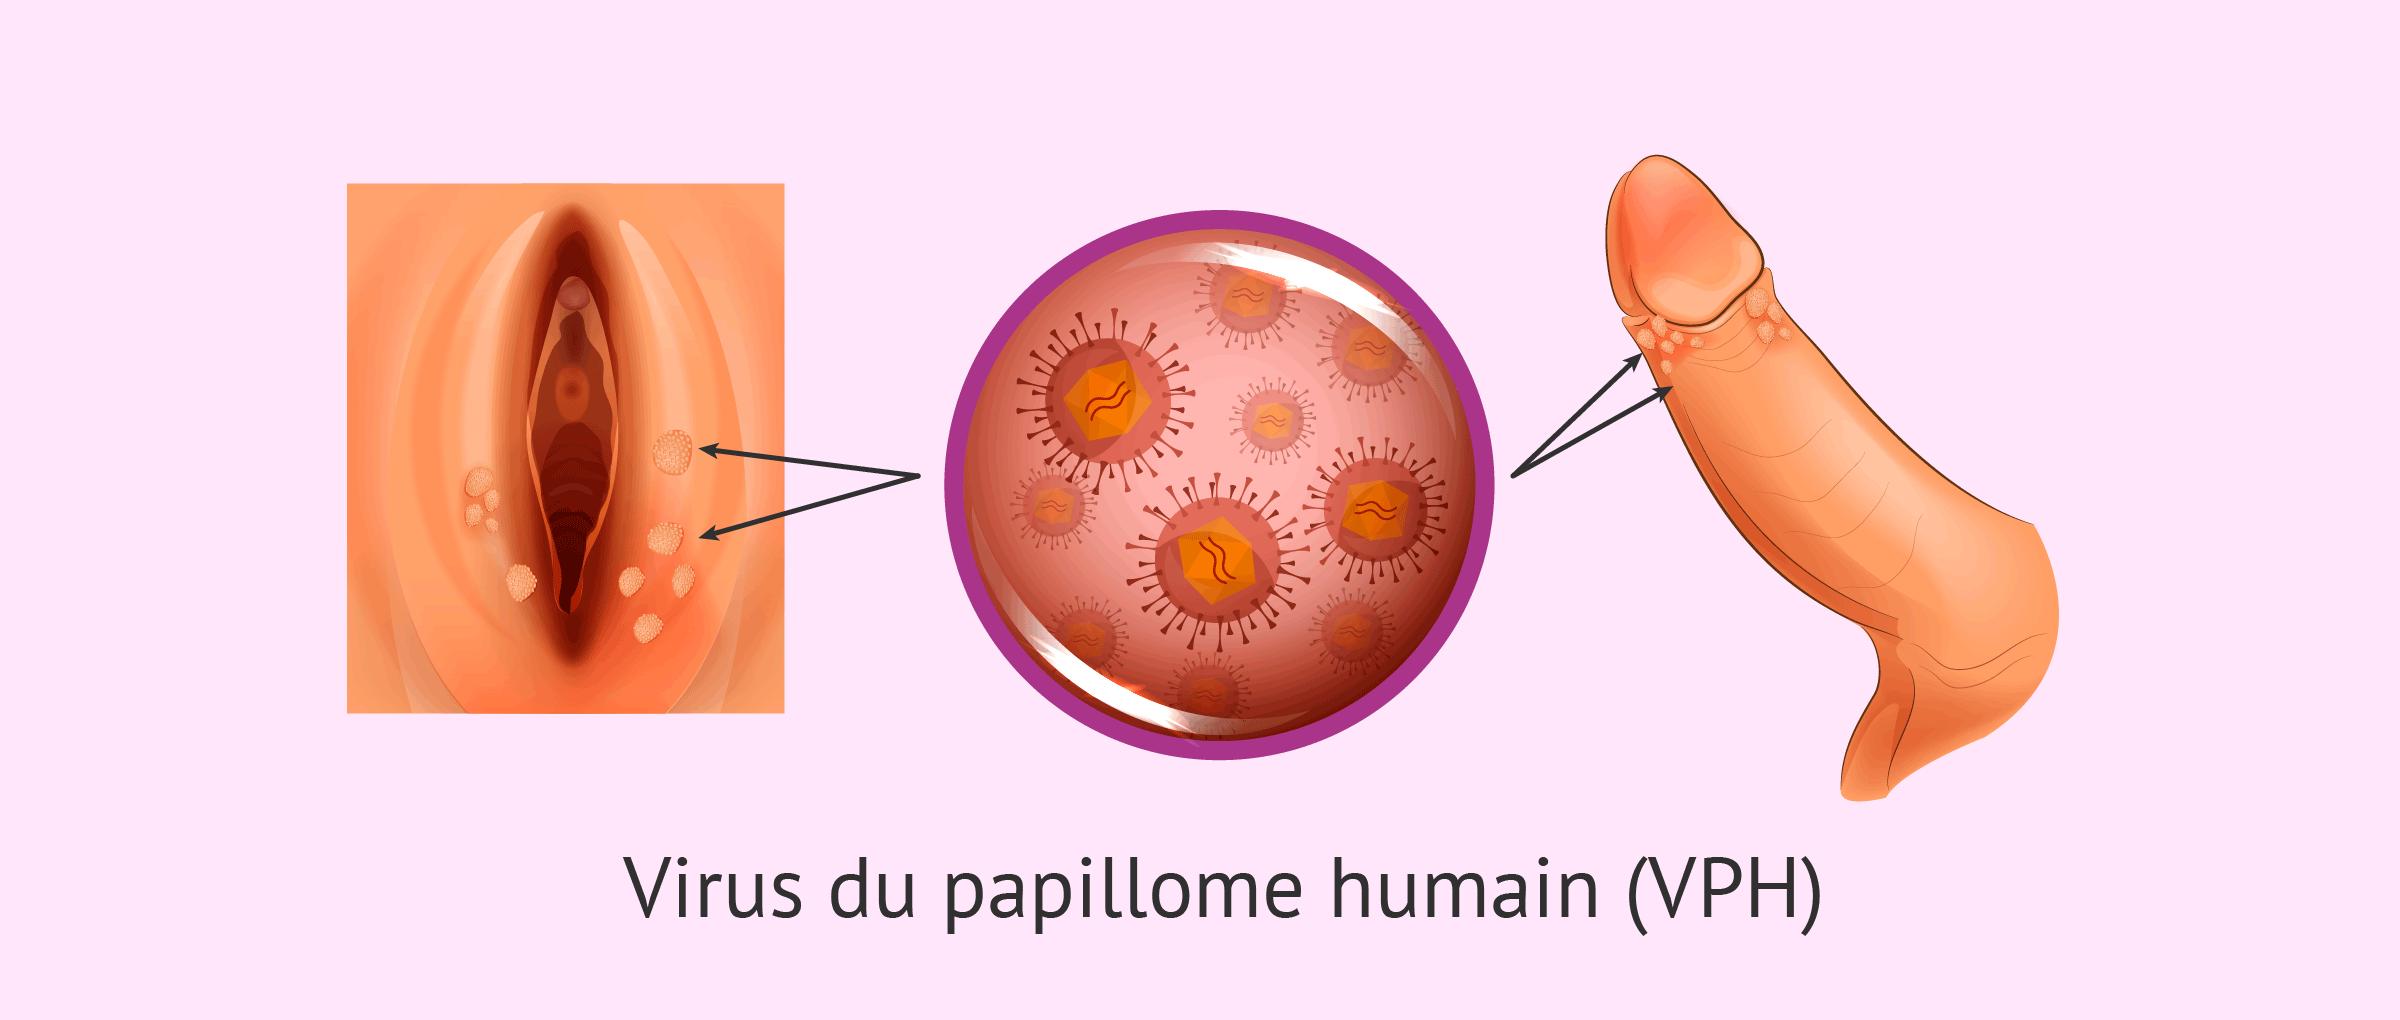 papillomavirus humains guerison)